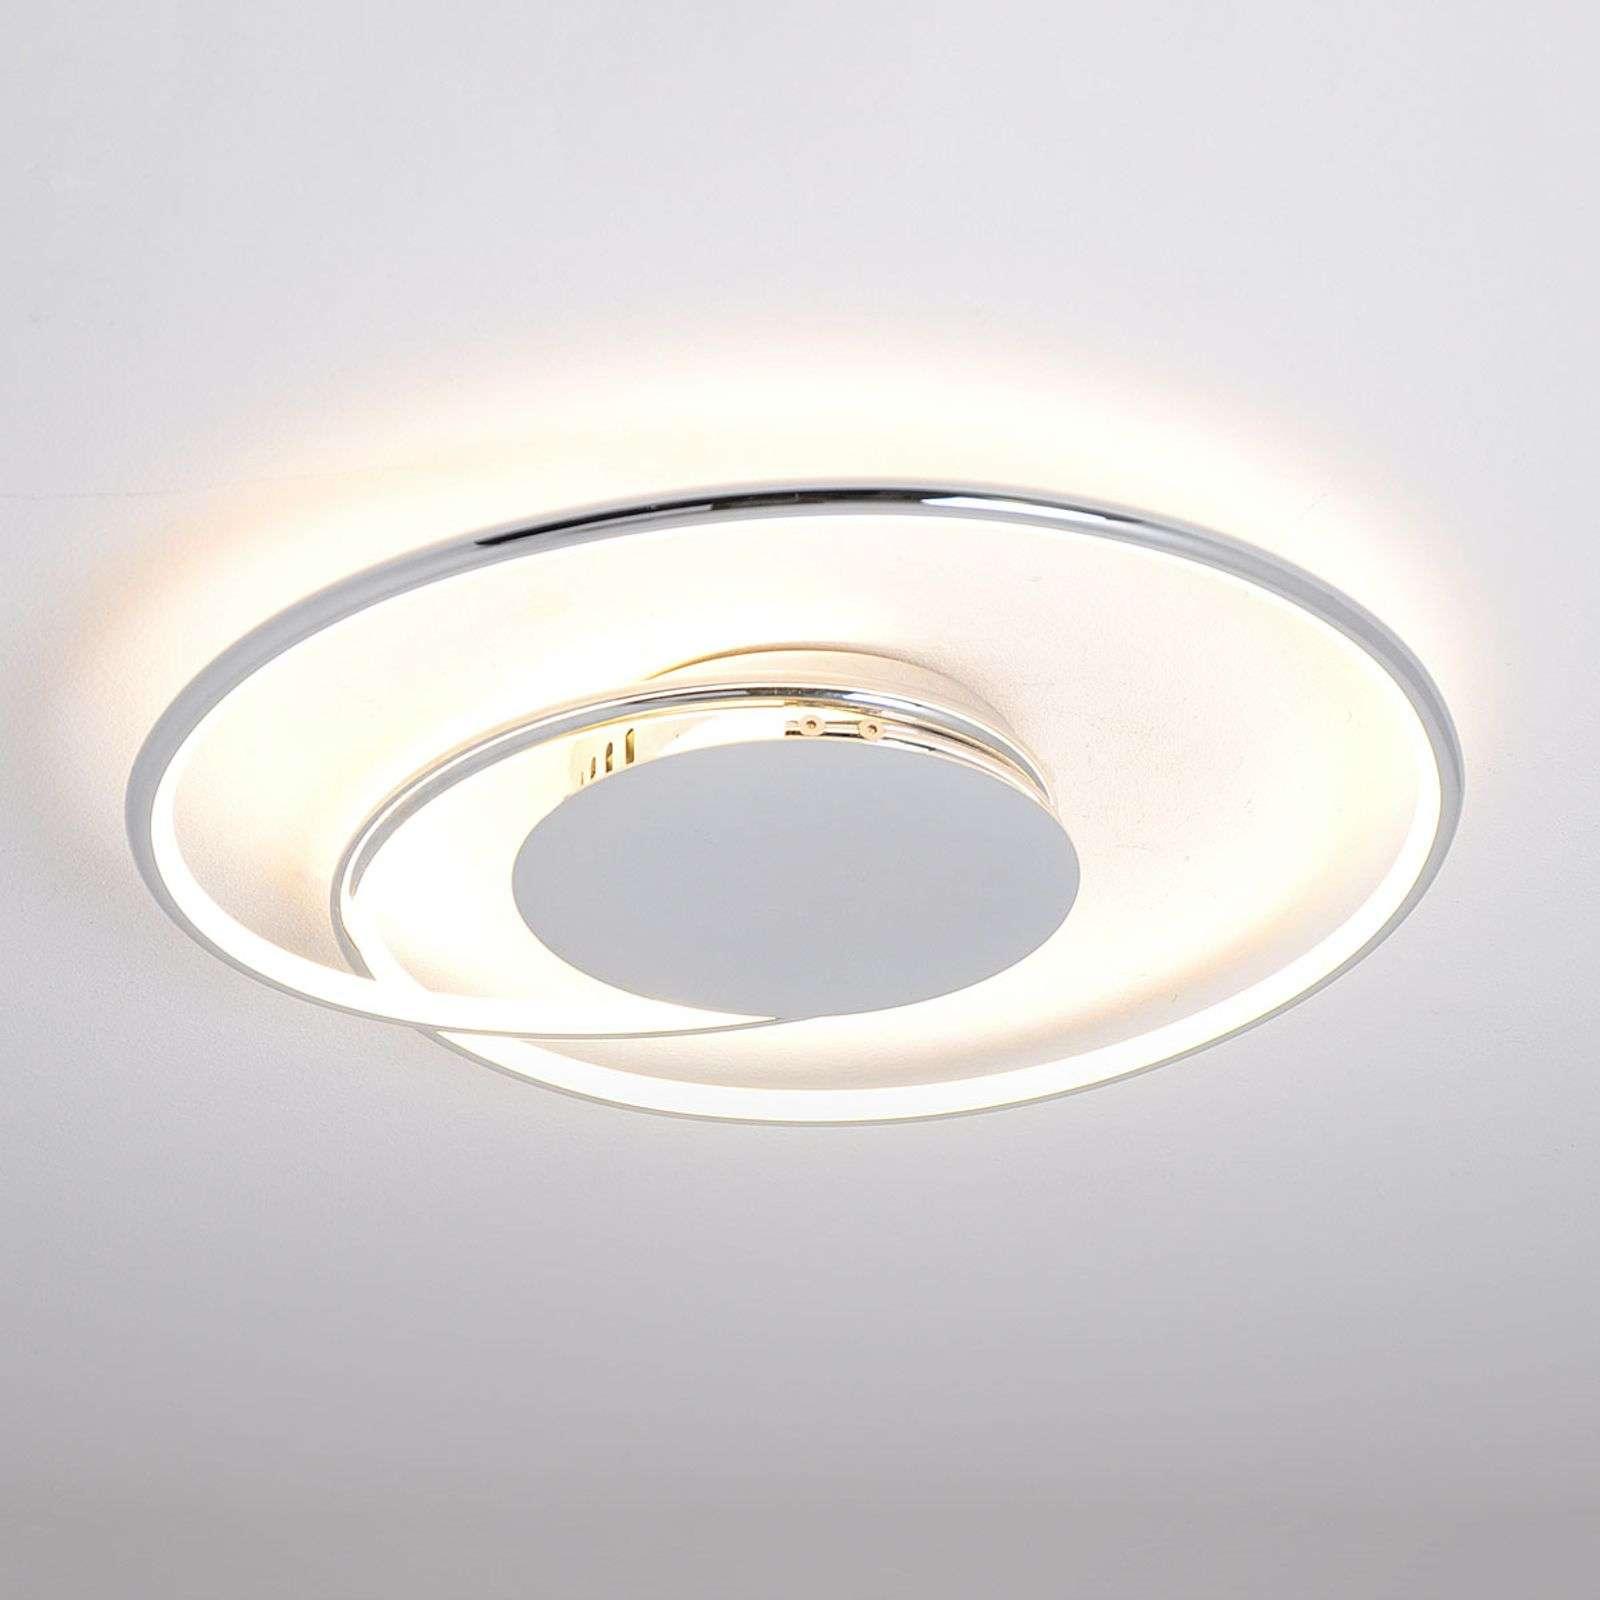 Lampenwelt.com Beau plafonnier LED Joline - LAMPENWELT.com